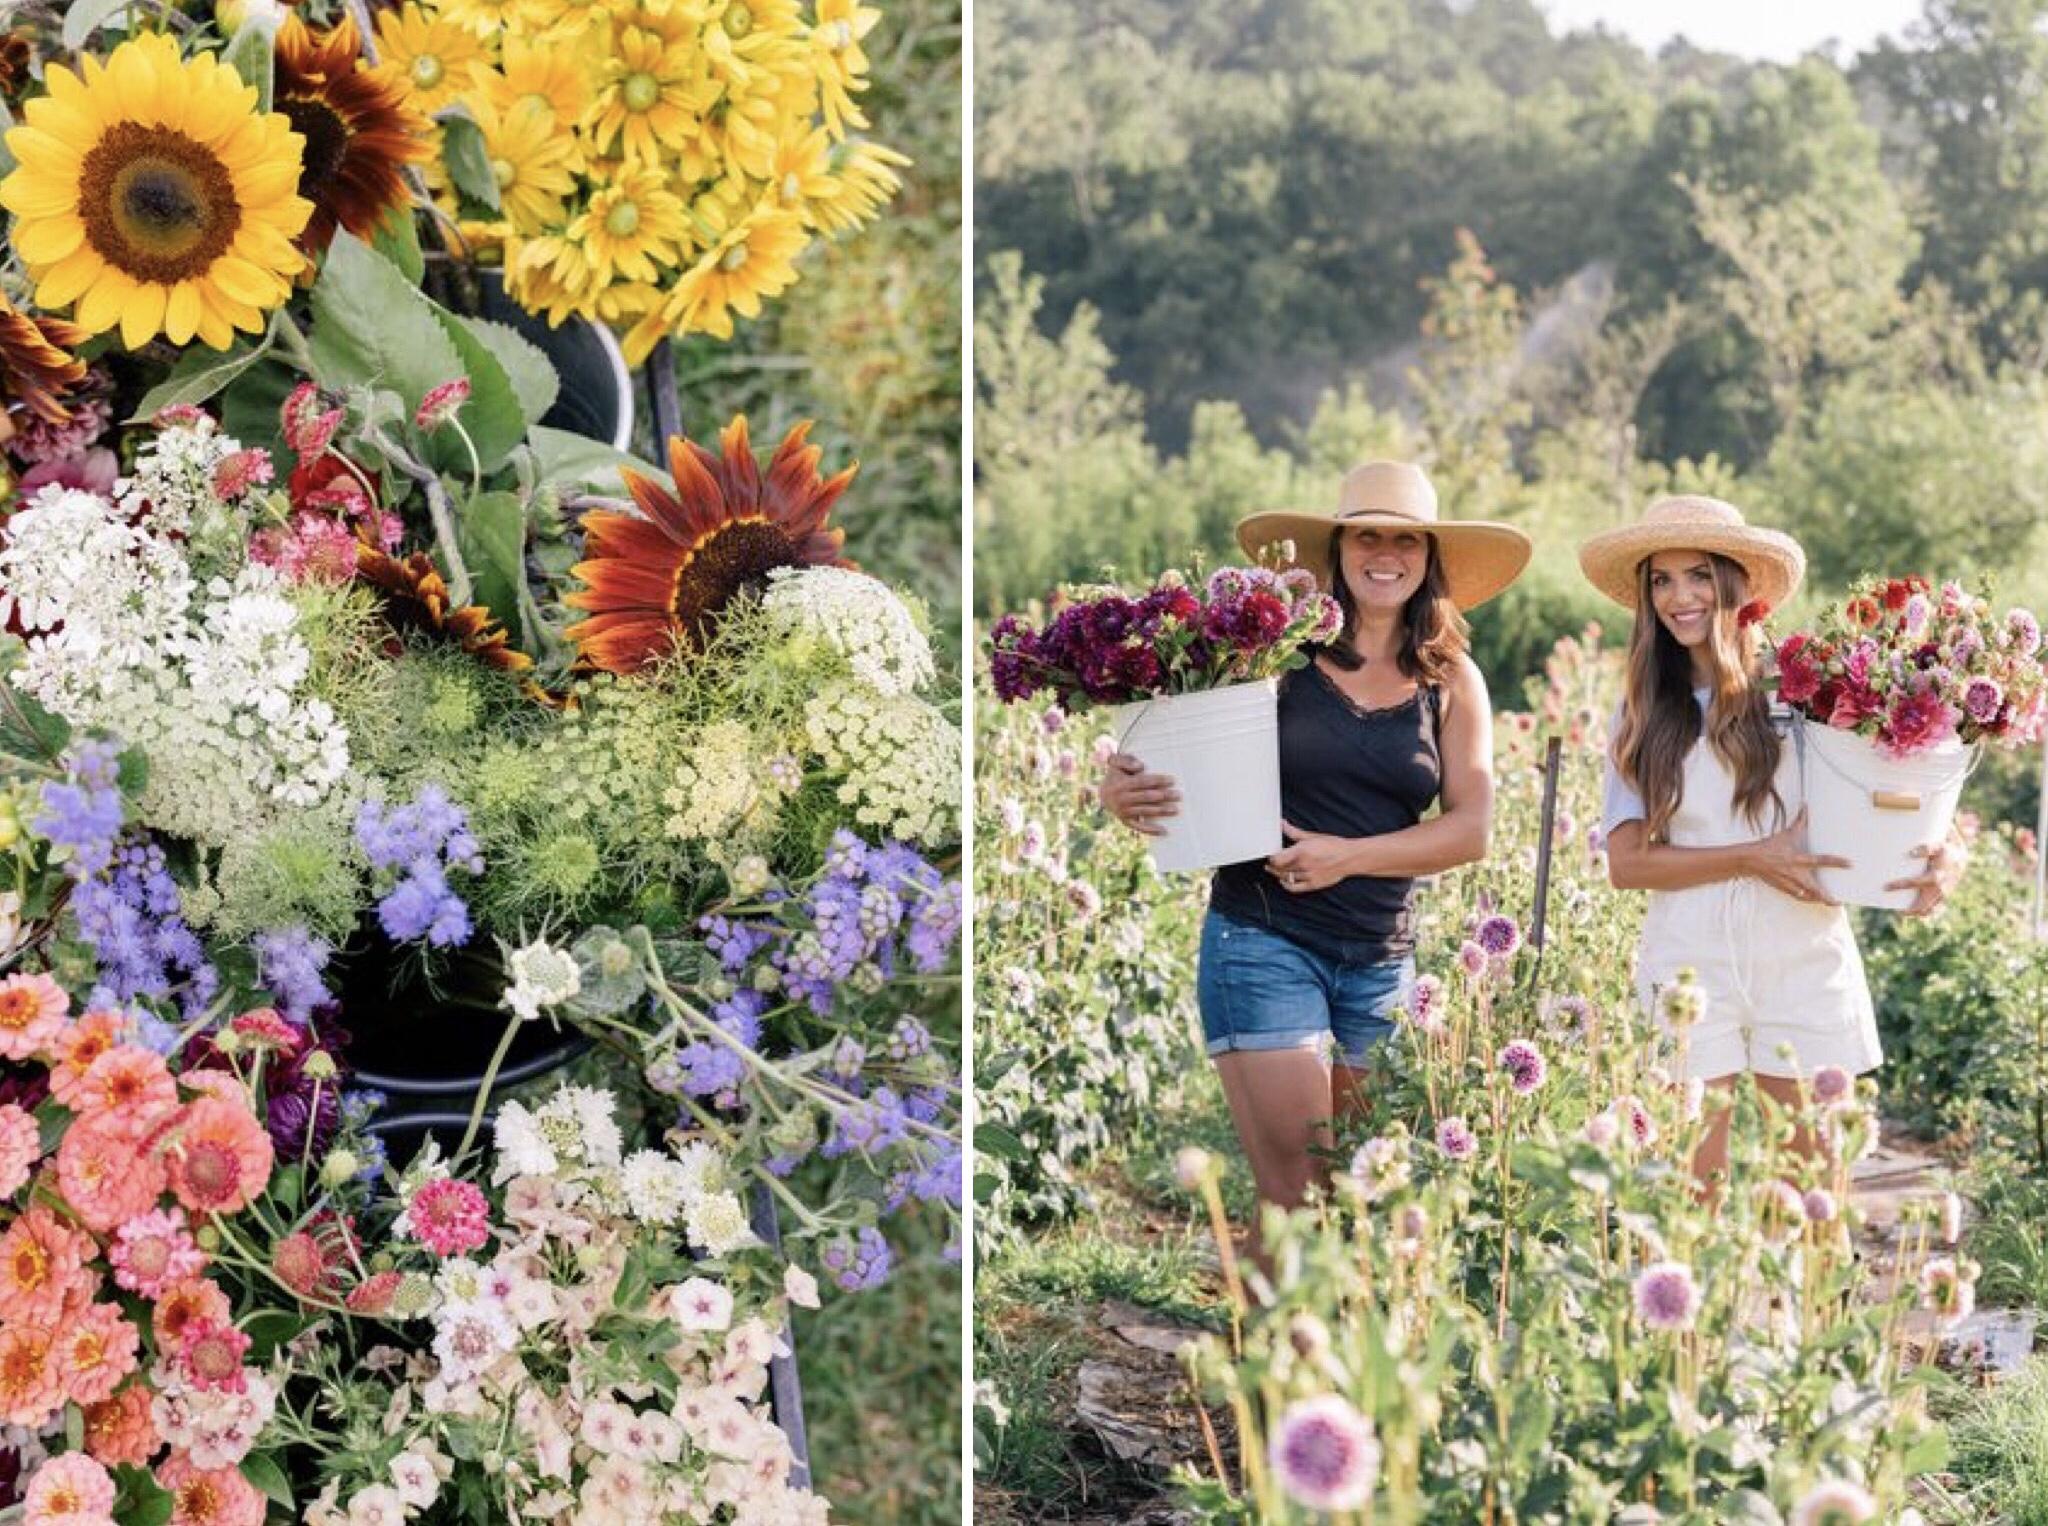 Ferme aux fleurs